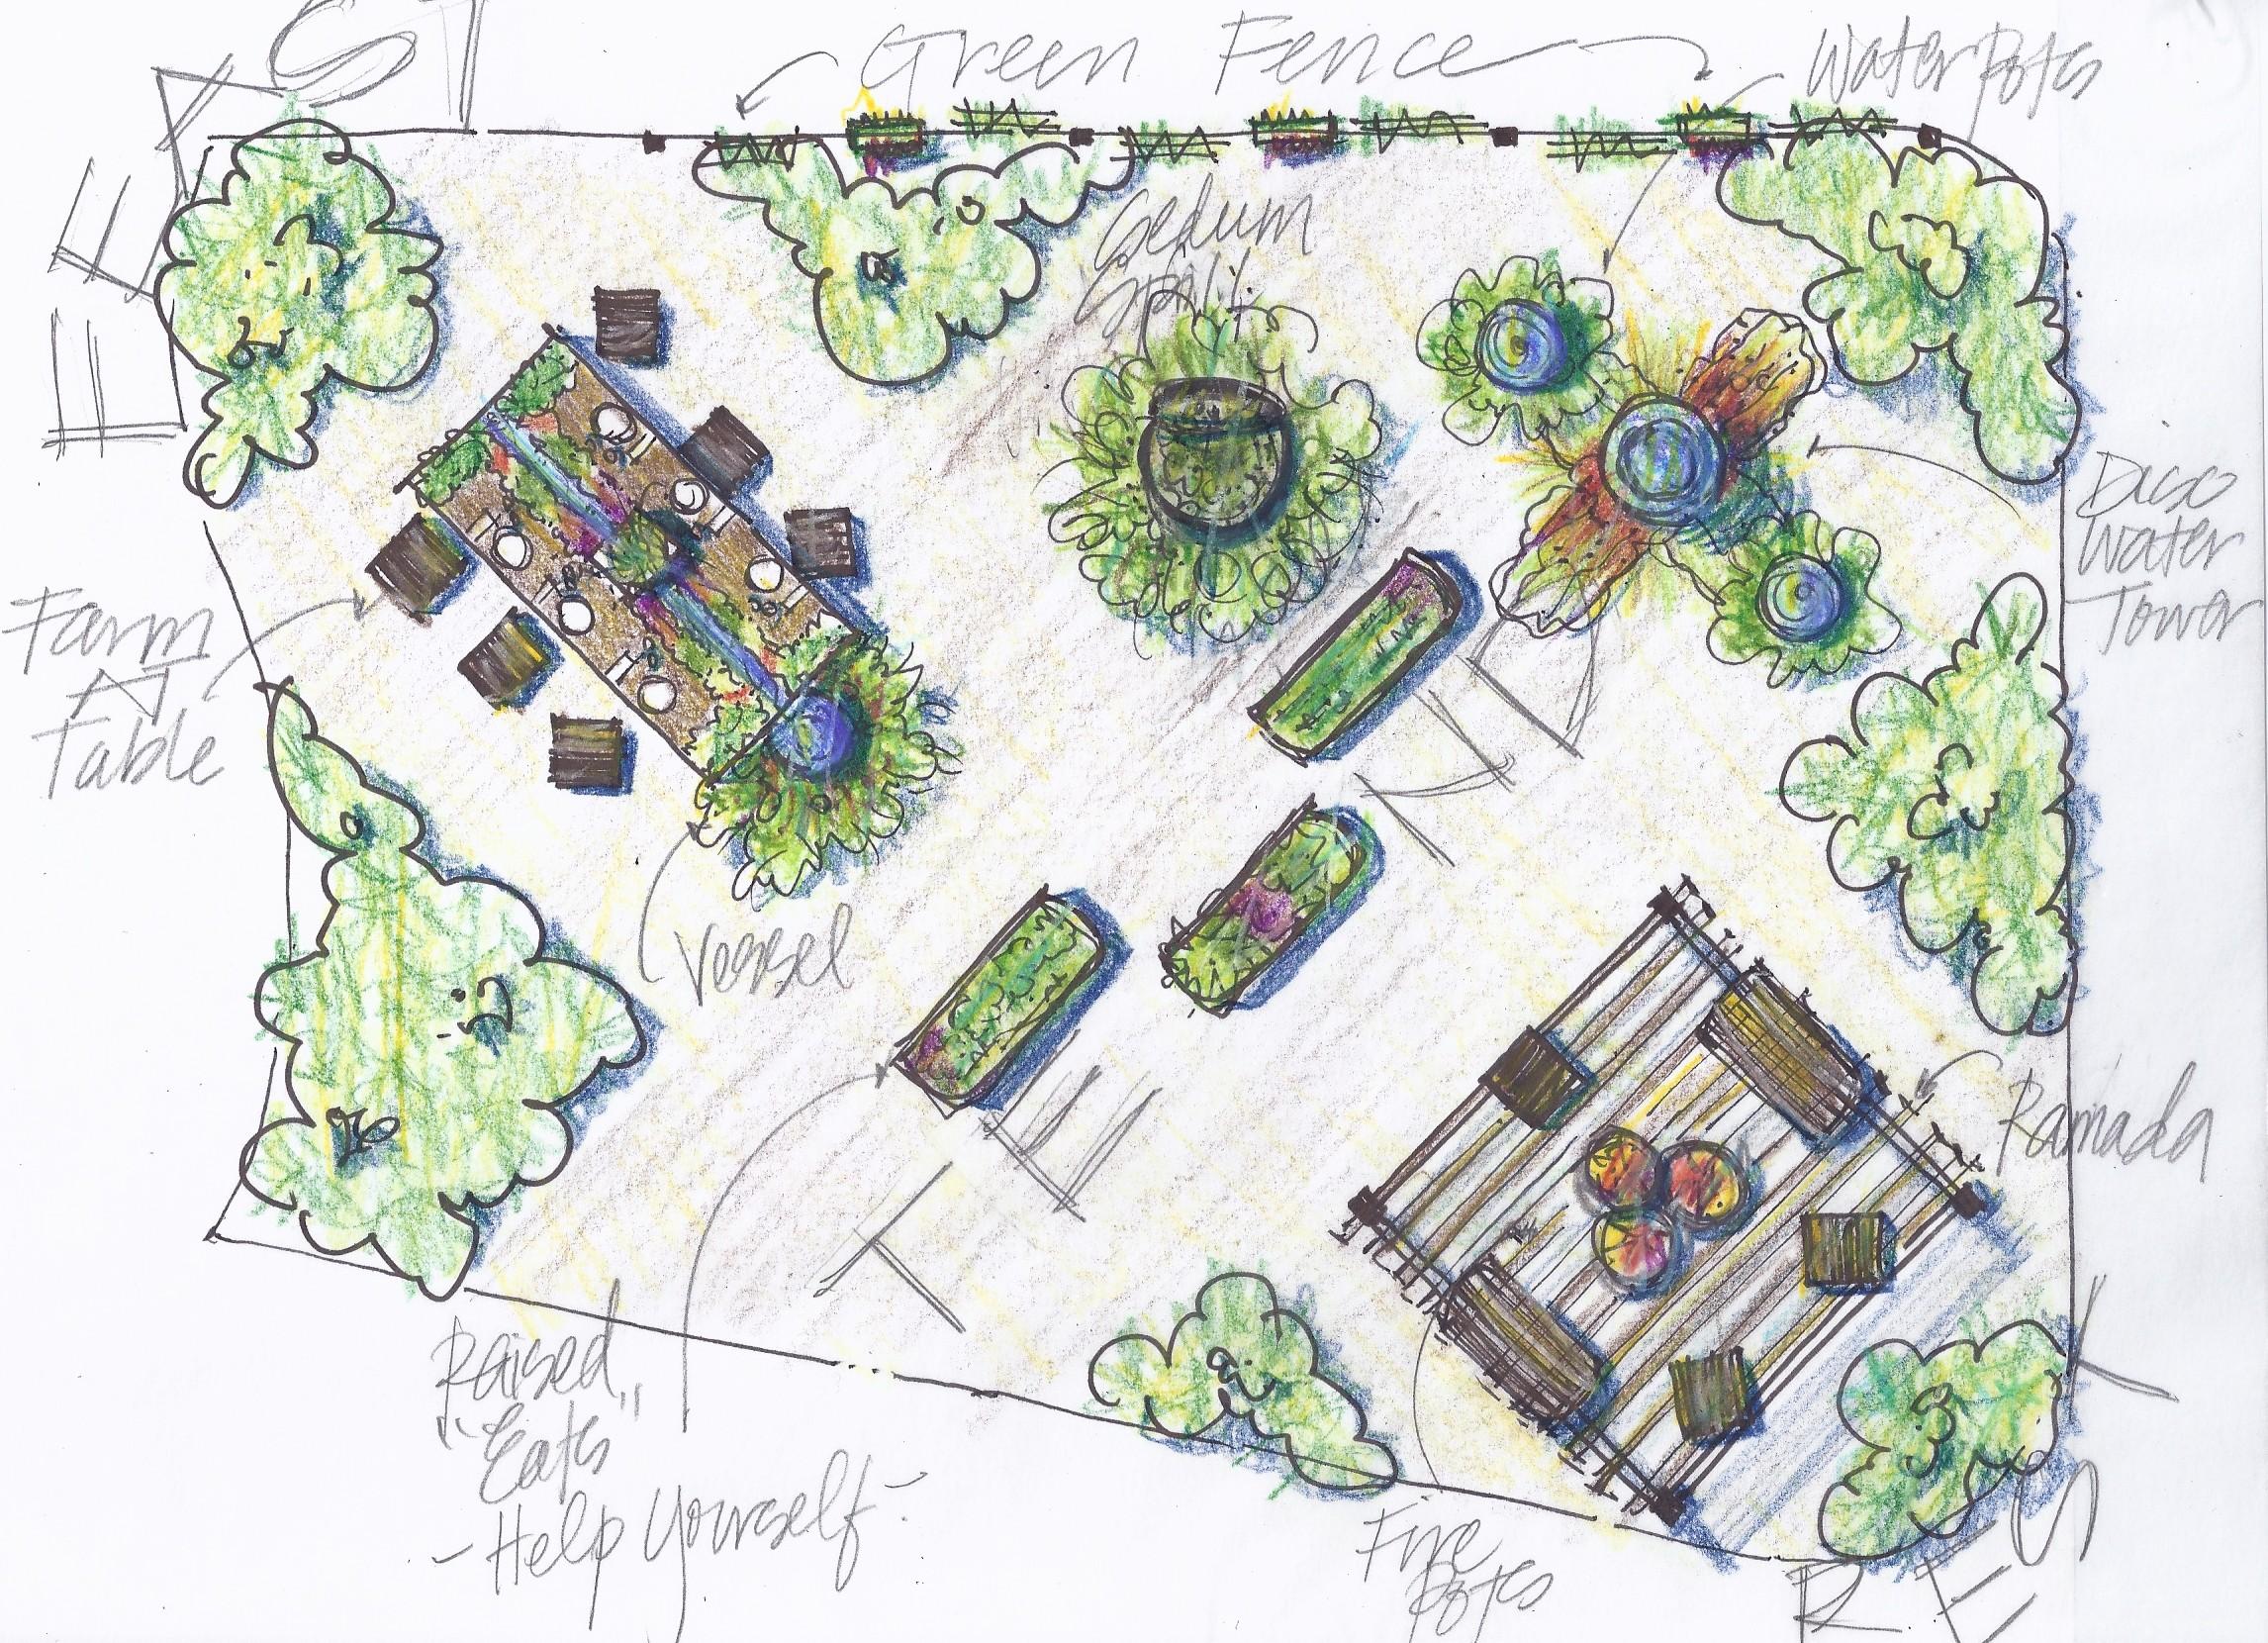 Farm at table garden display 2012 red bird design for Display home garden designs